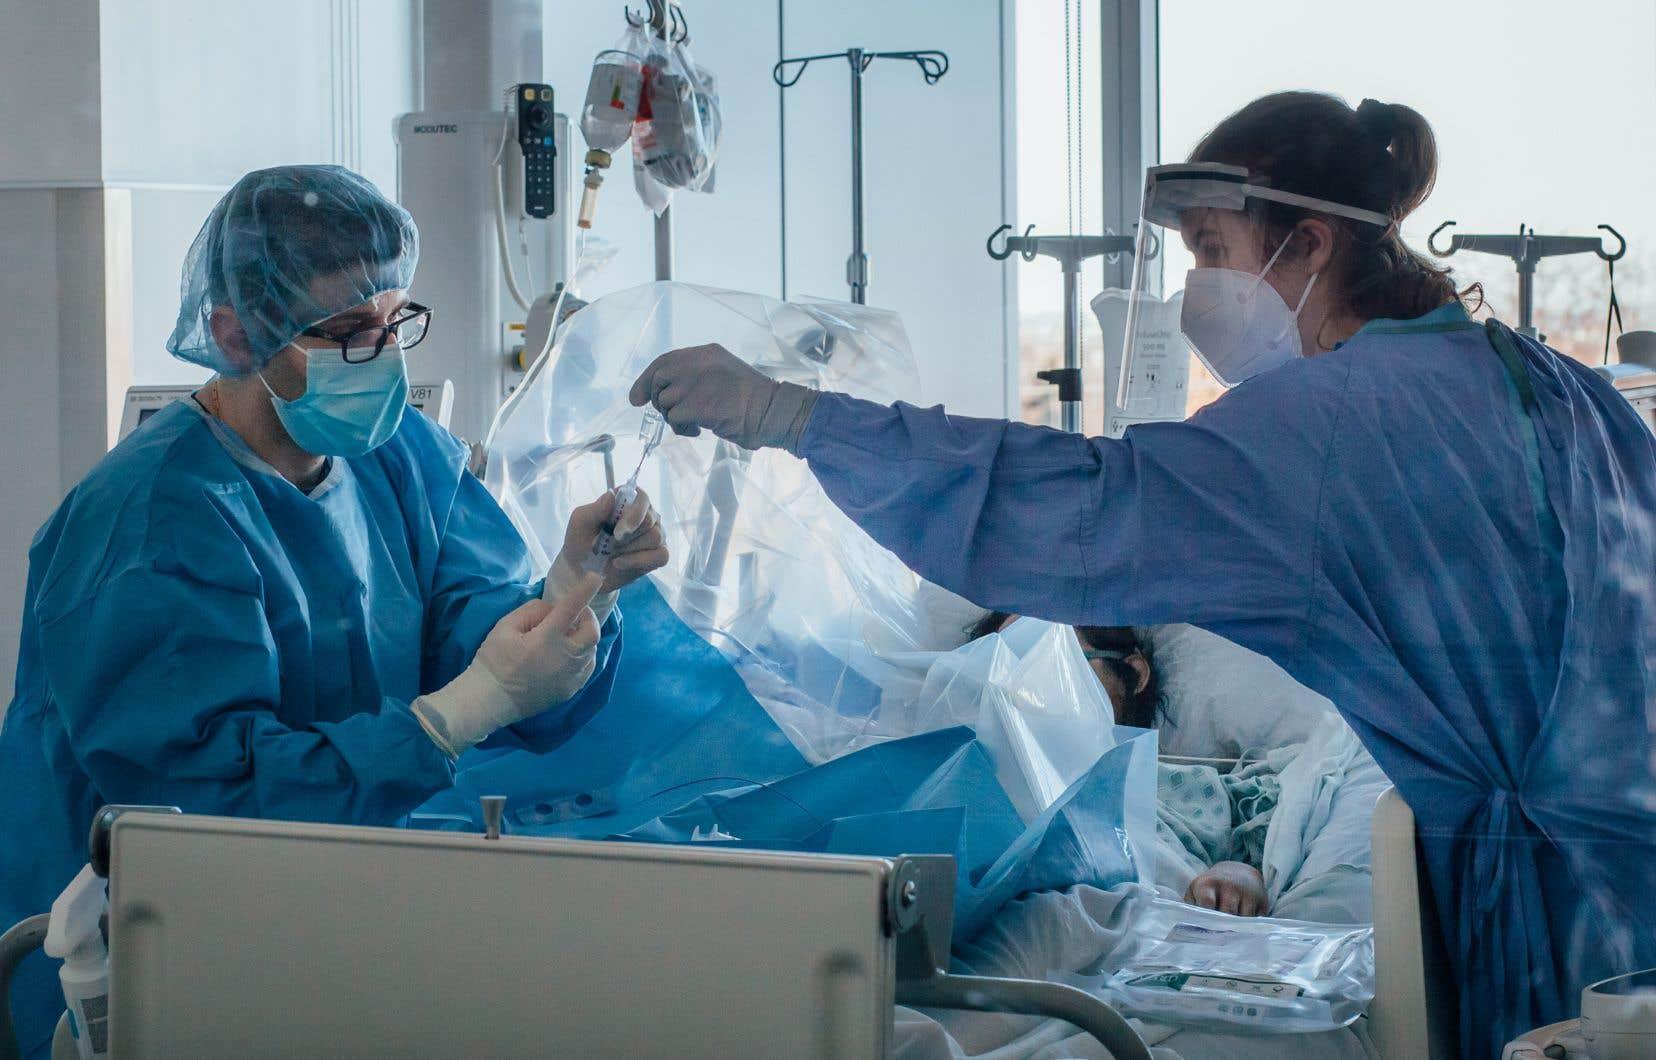 Le budget annonce par ailleurs la volonté de Québec de mettre fin aux diverses «primes COVID» octroyées aux travailleurs de la santé le 31août prochain.